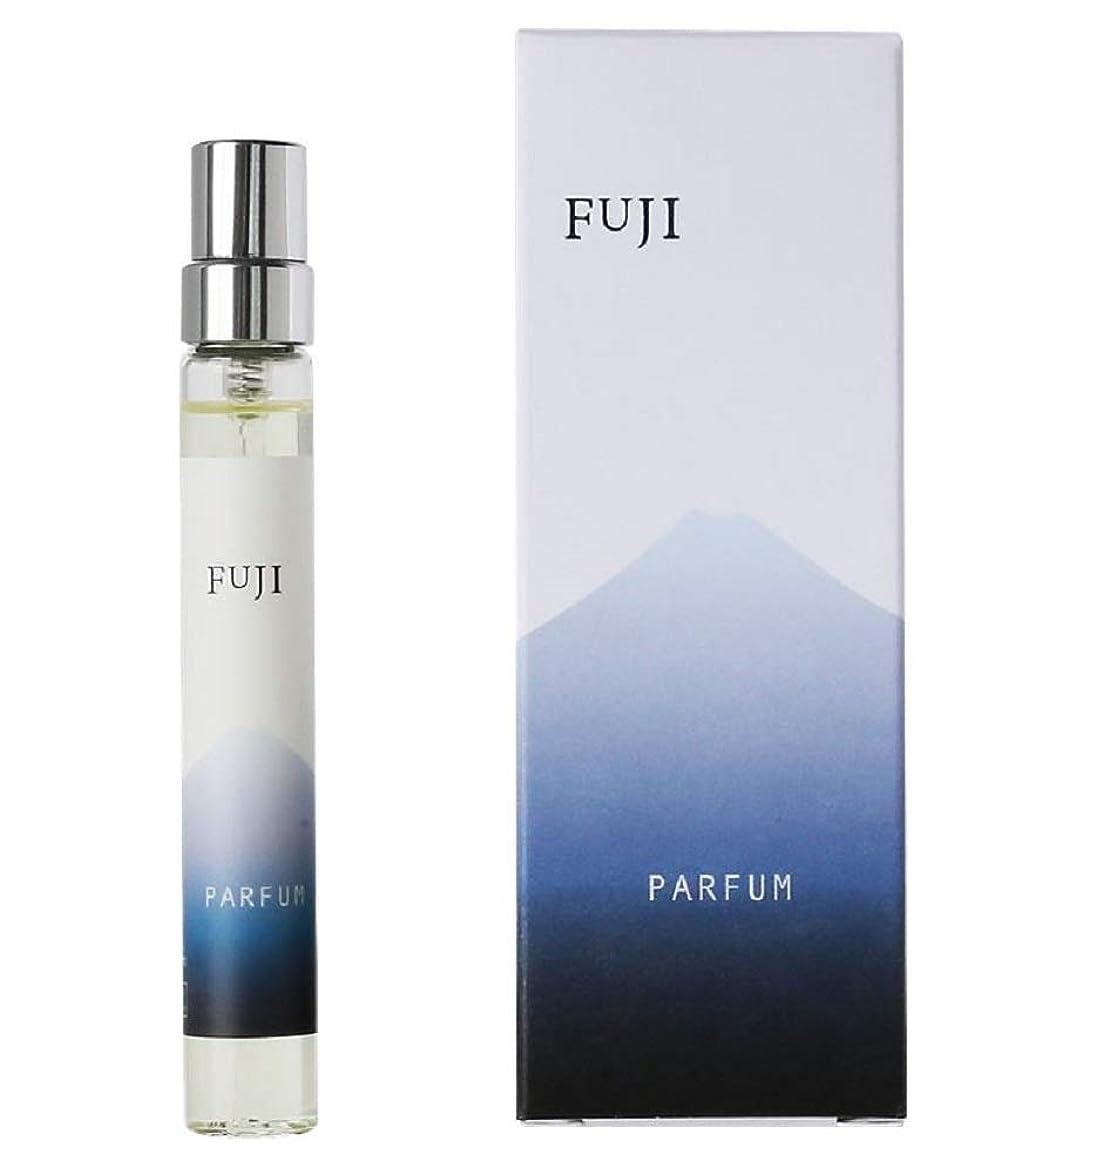 ブラケット満たすイライラするパルファム フジ parfum fuji 最高級 パルファン 1ダースセット(12本) 限定割引 & 送料無料 富士山 香水 海外みやげ